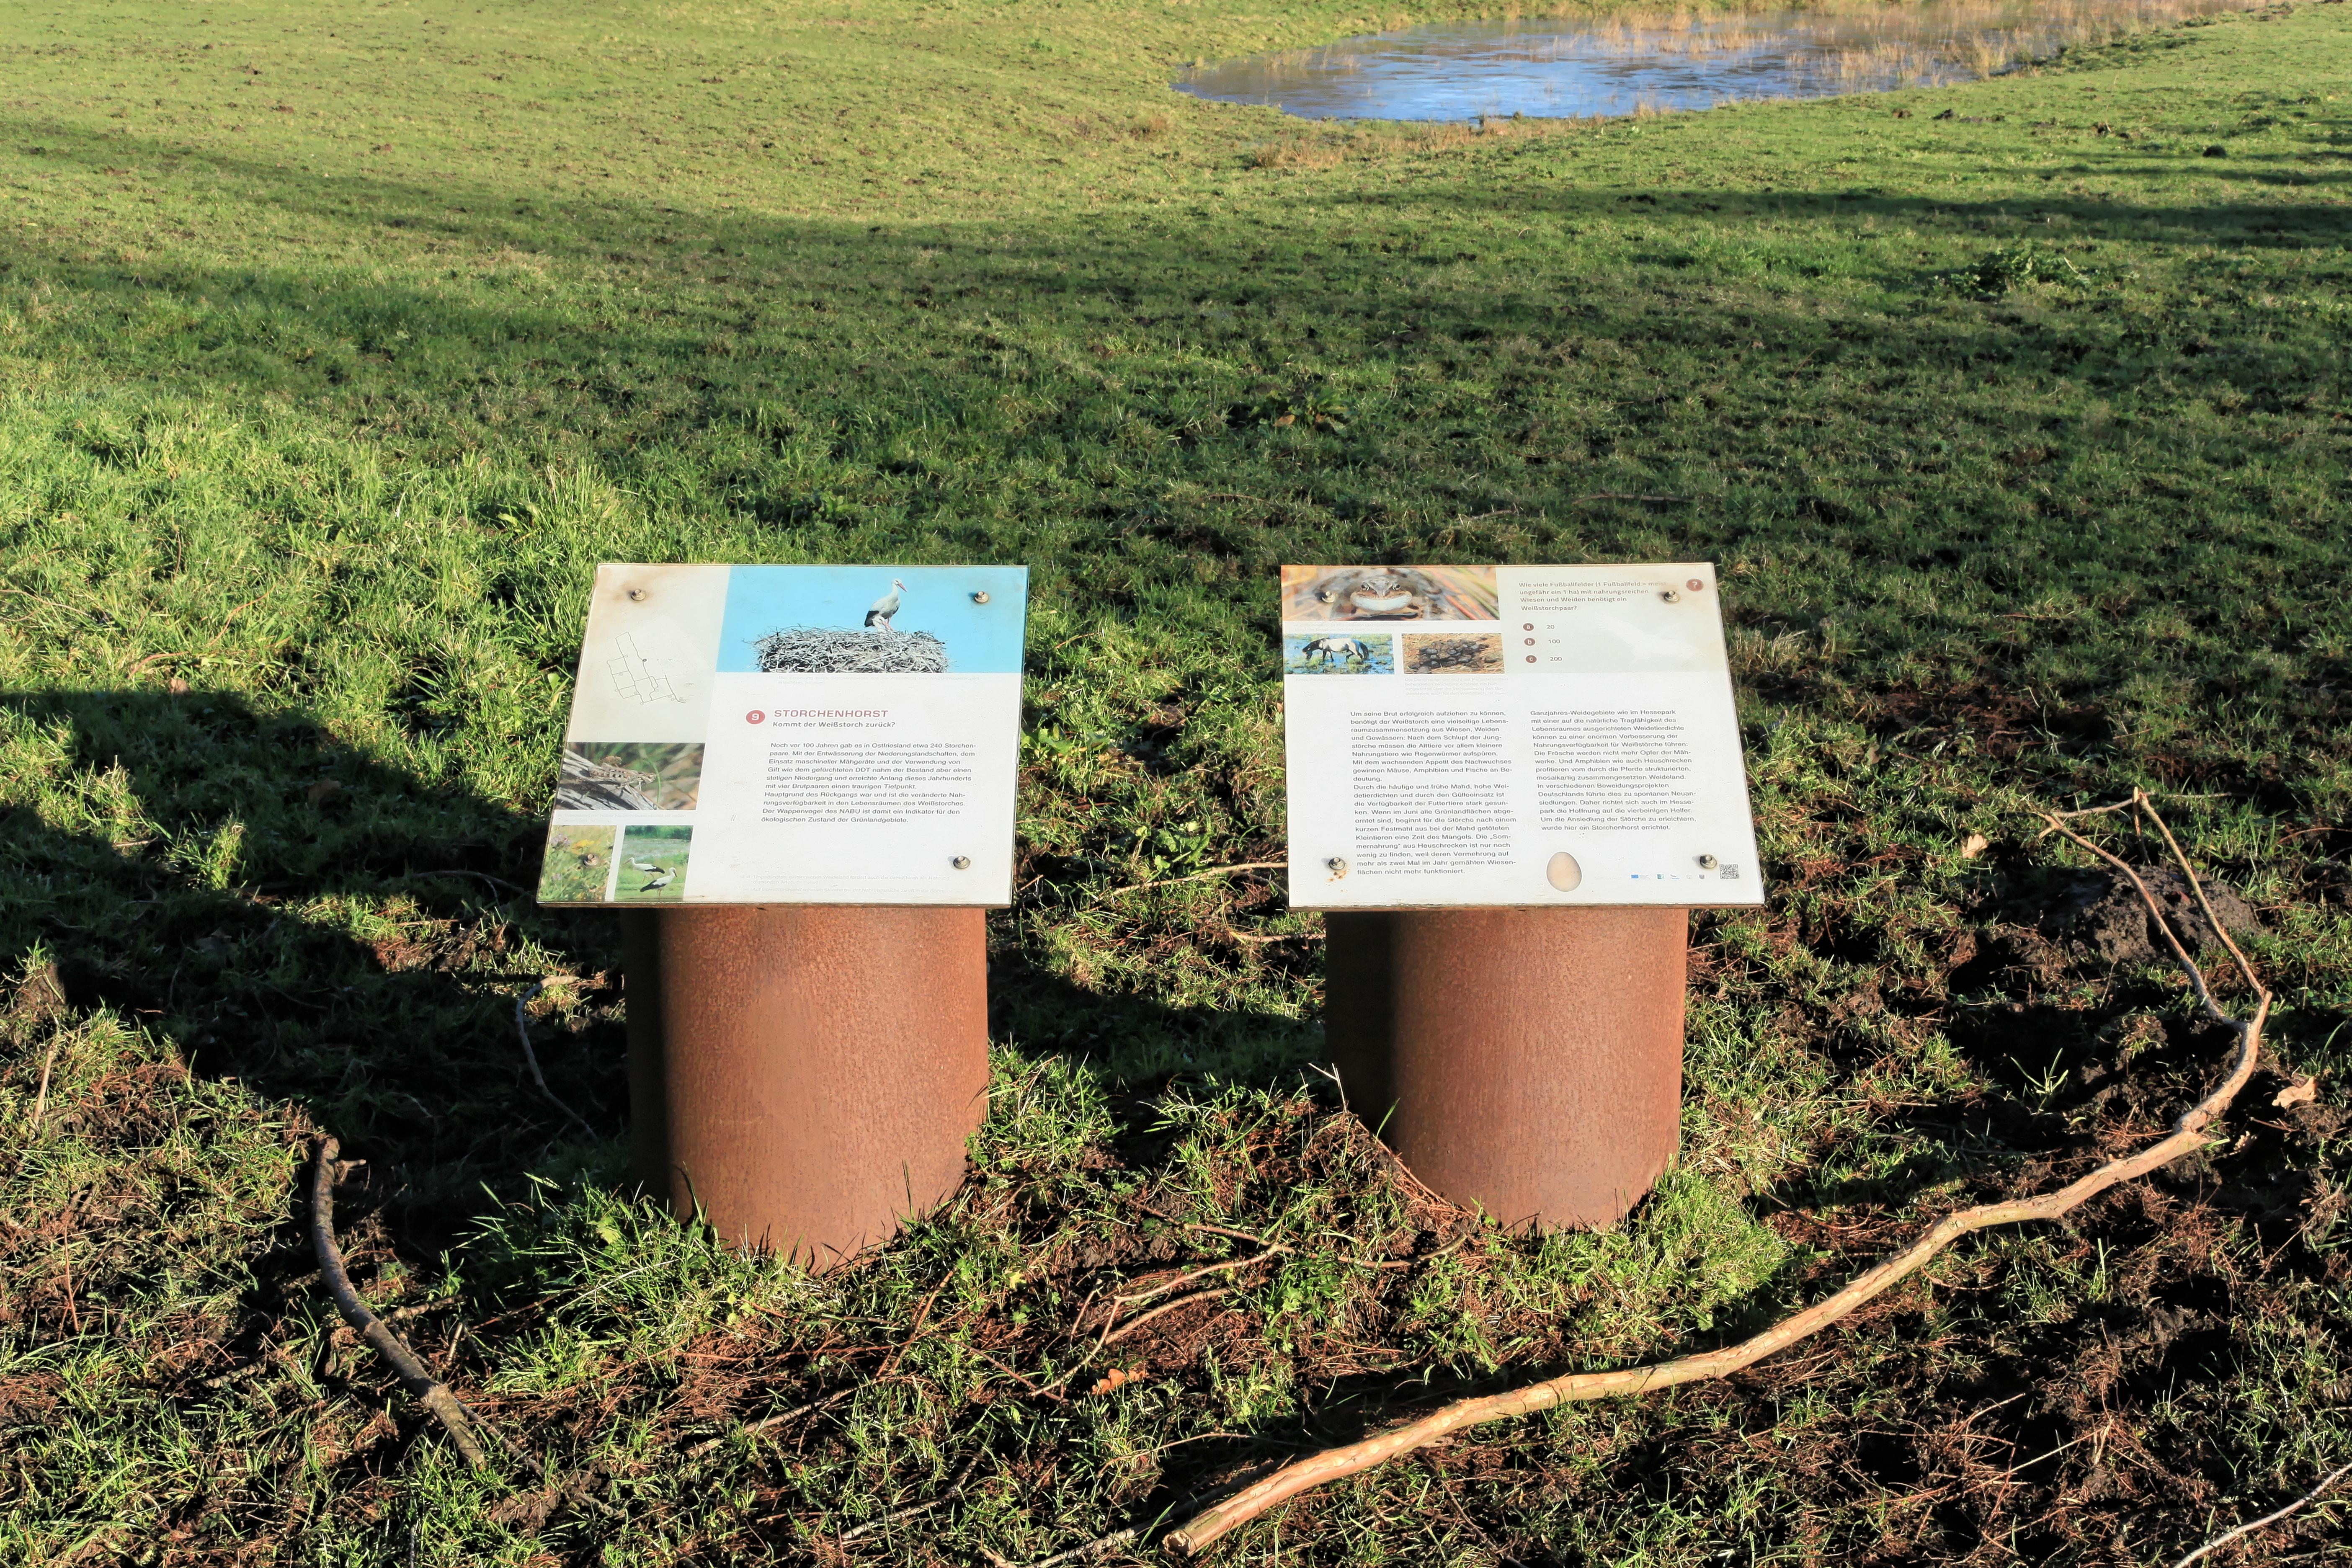 File Weener Hessepark Hessepark 073 Ies Jpg Wikimedia